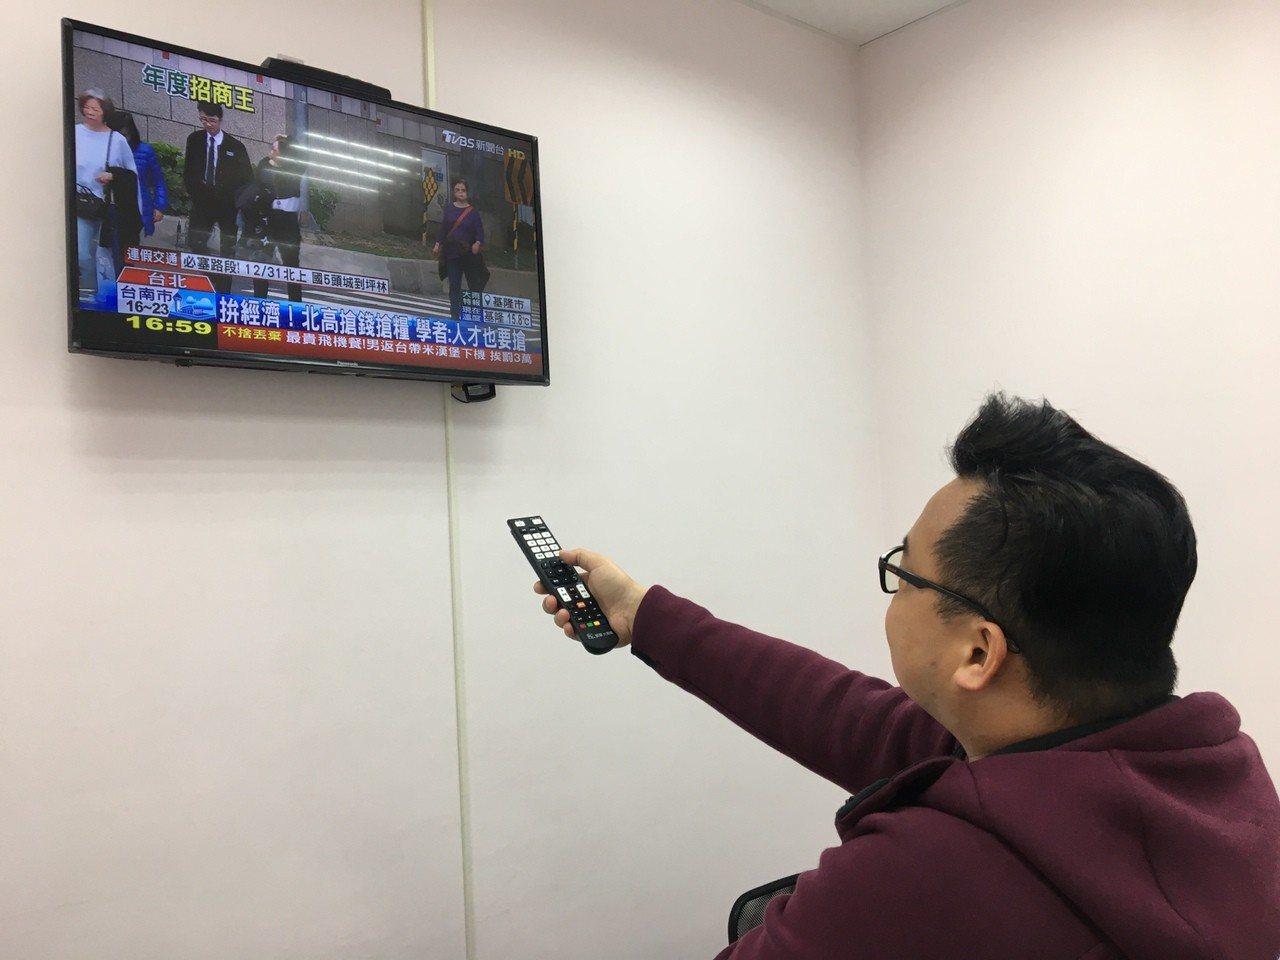 桃園市108年度有線電視收視費維持510元,三家業者也研議試辦多元頻道分組方案,...